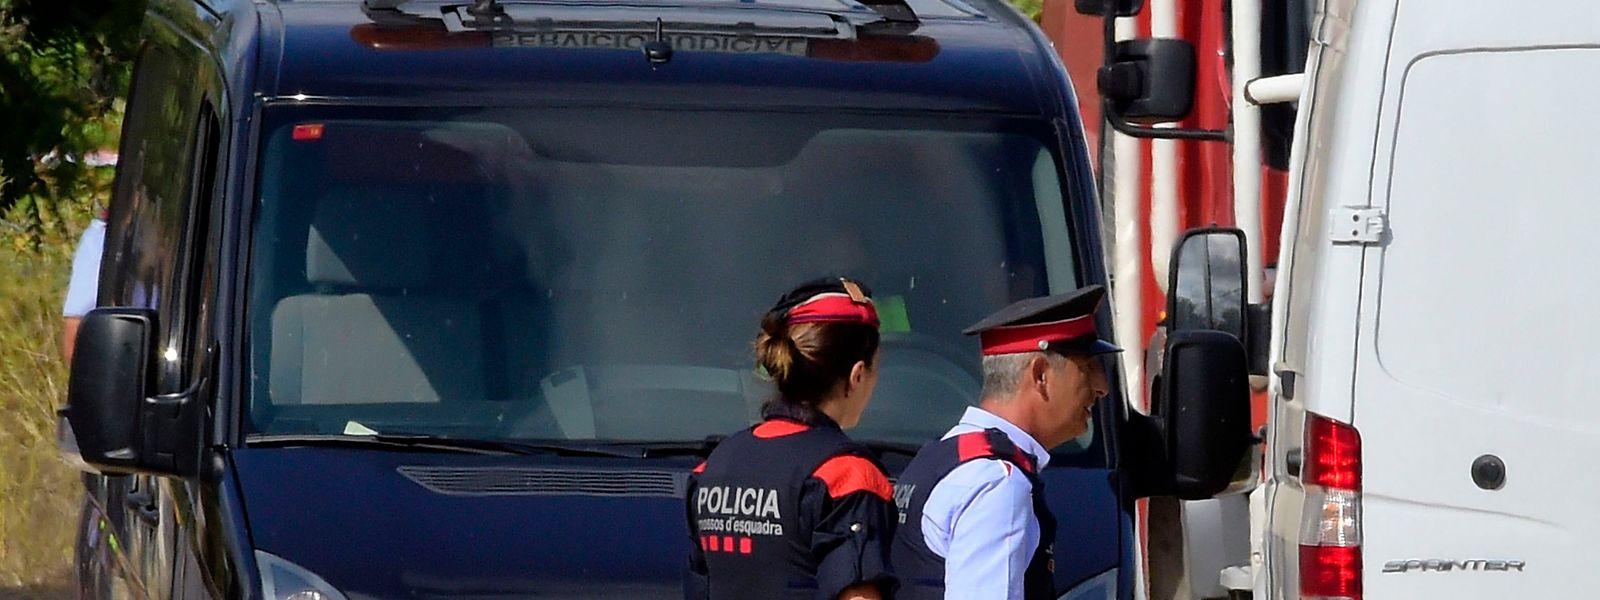 """Die spanische Polizei sei """"sehr nah an einer Person dran, die mit beiden Attentaten in Verbindung steht"""", so die Ermittler auf Twitter."""